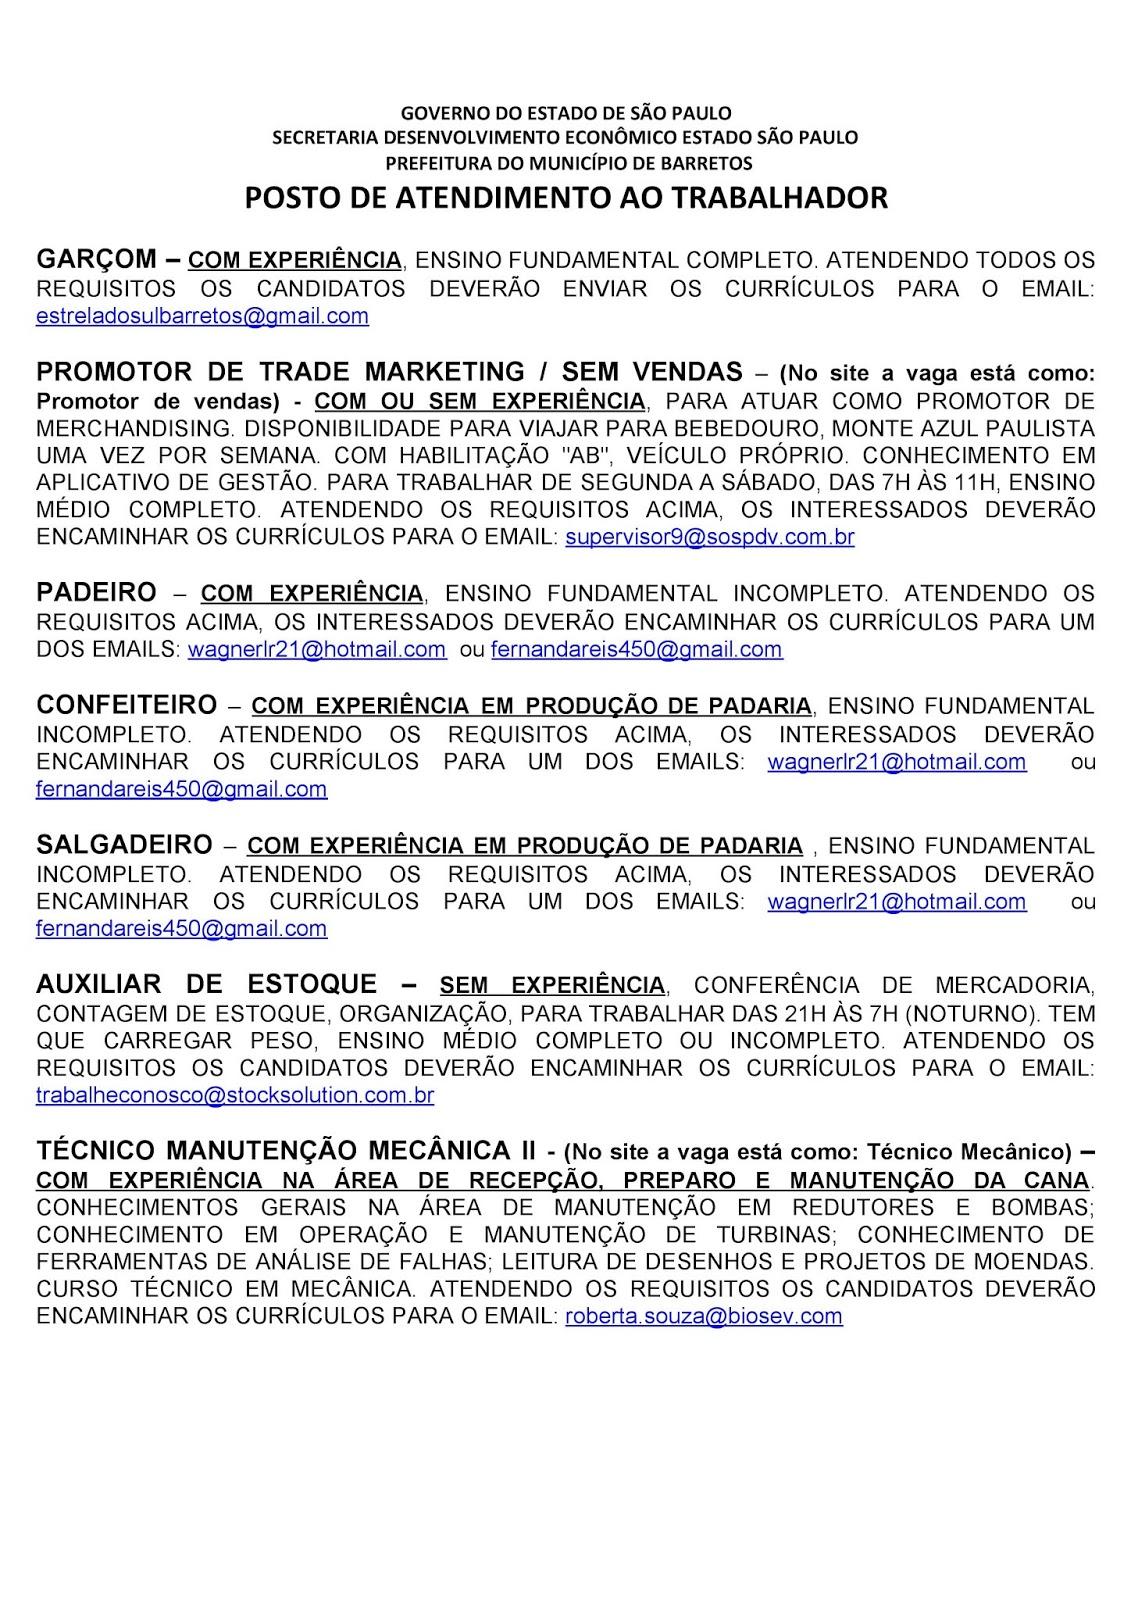 VAGAS DE EMPREGO DO PAT BARRETOS-SP PARA 27/07/2020 PUBLICADAS NA TARDE DE 24/07/2020 - PAG. 3